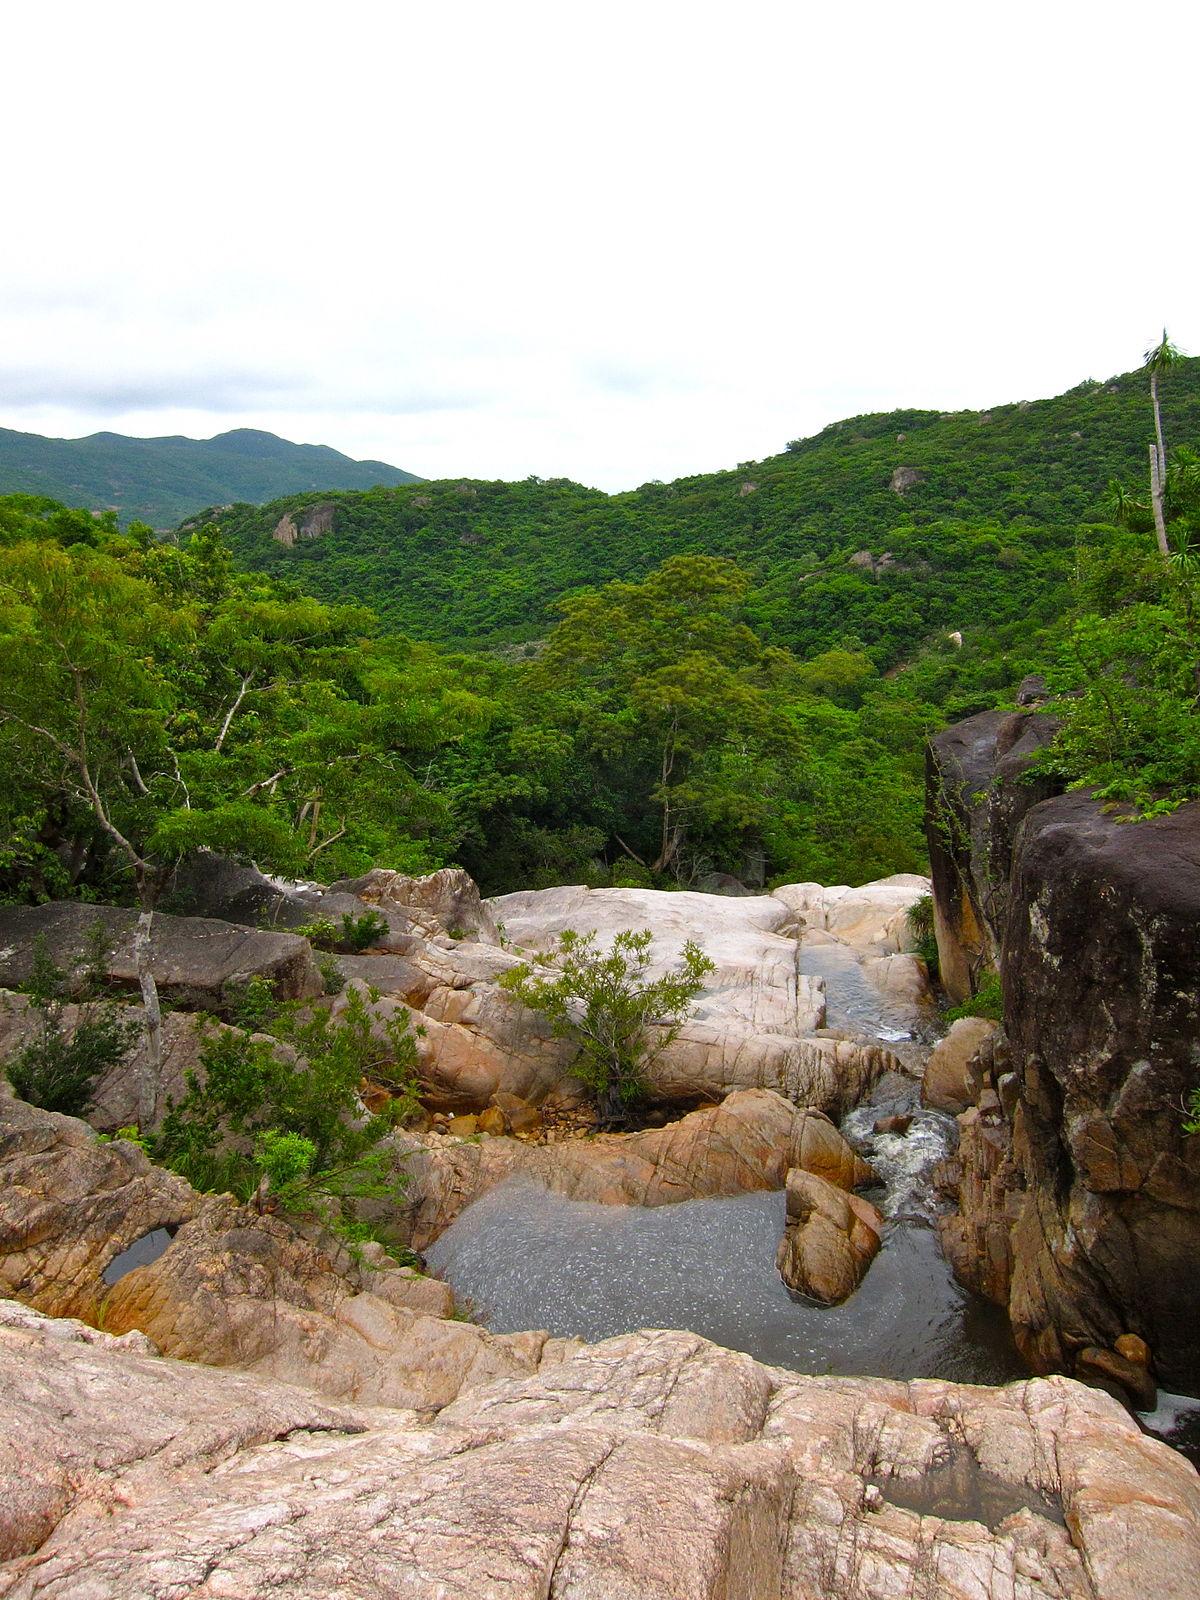 Cẩm nang du lịch Ninh Thuận tự túc từ A đến Z